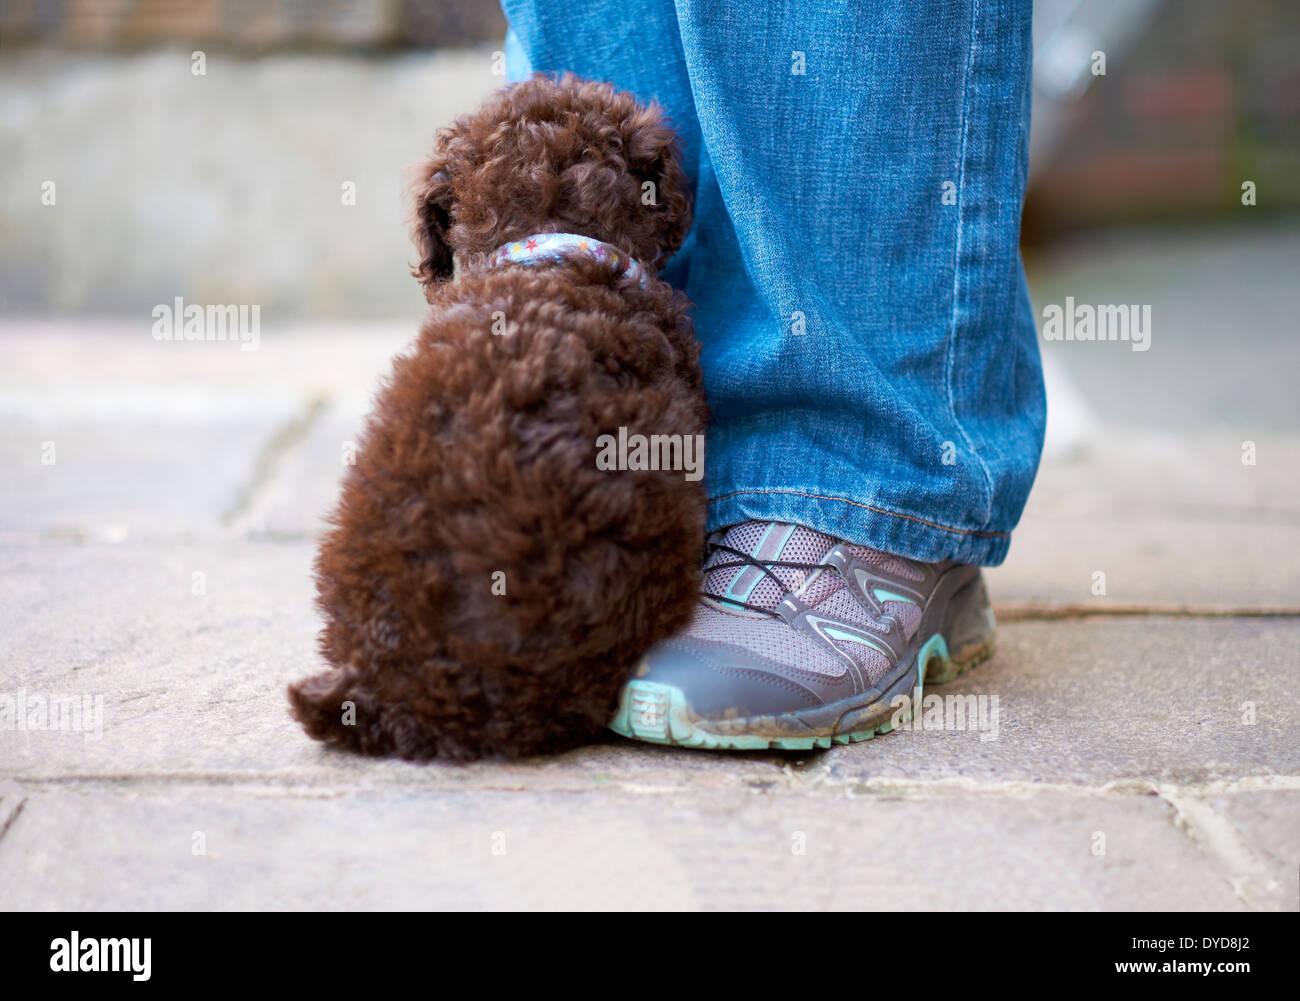 Un tímido poodle miniatura sentado por sus dueños fuera de la pierna. Imagen De Stock